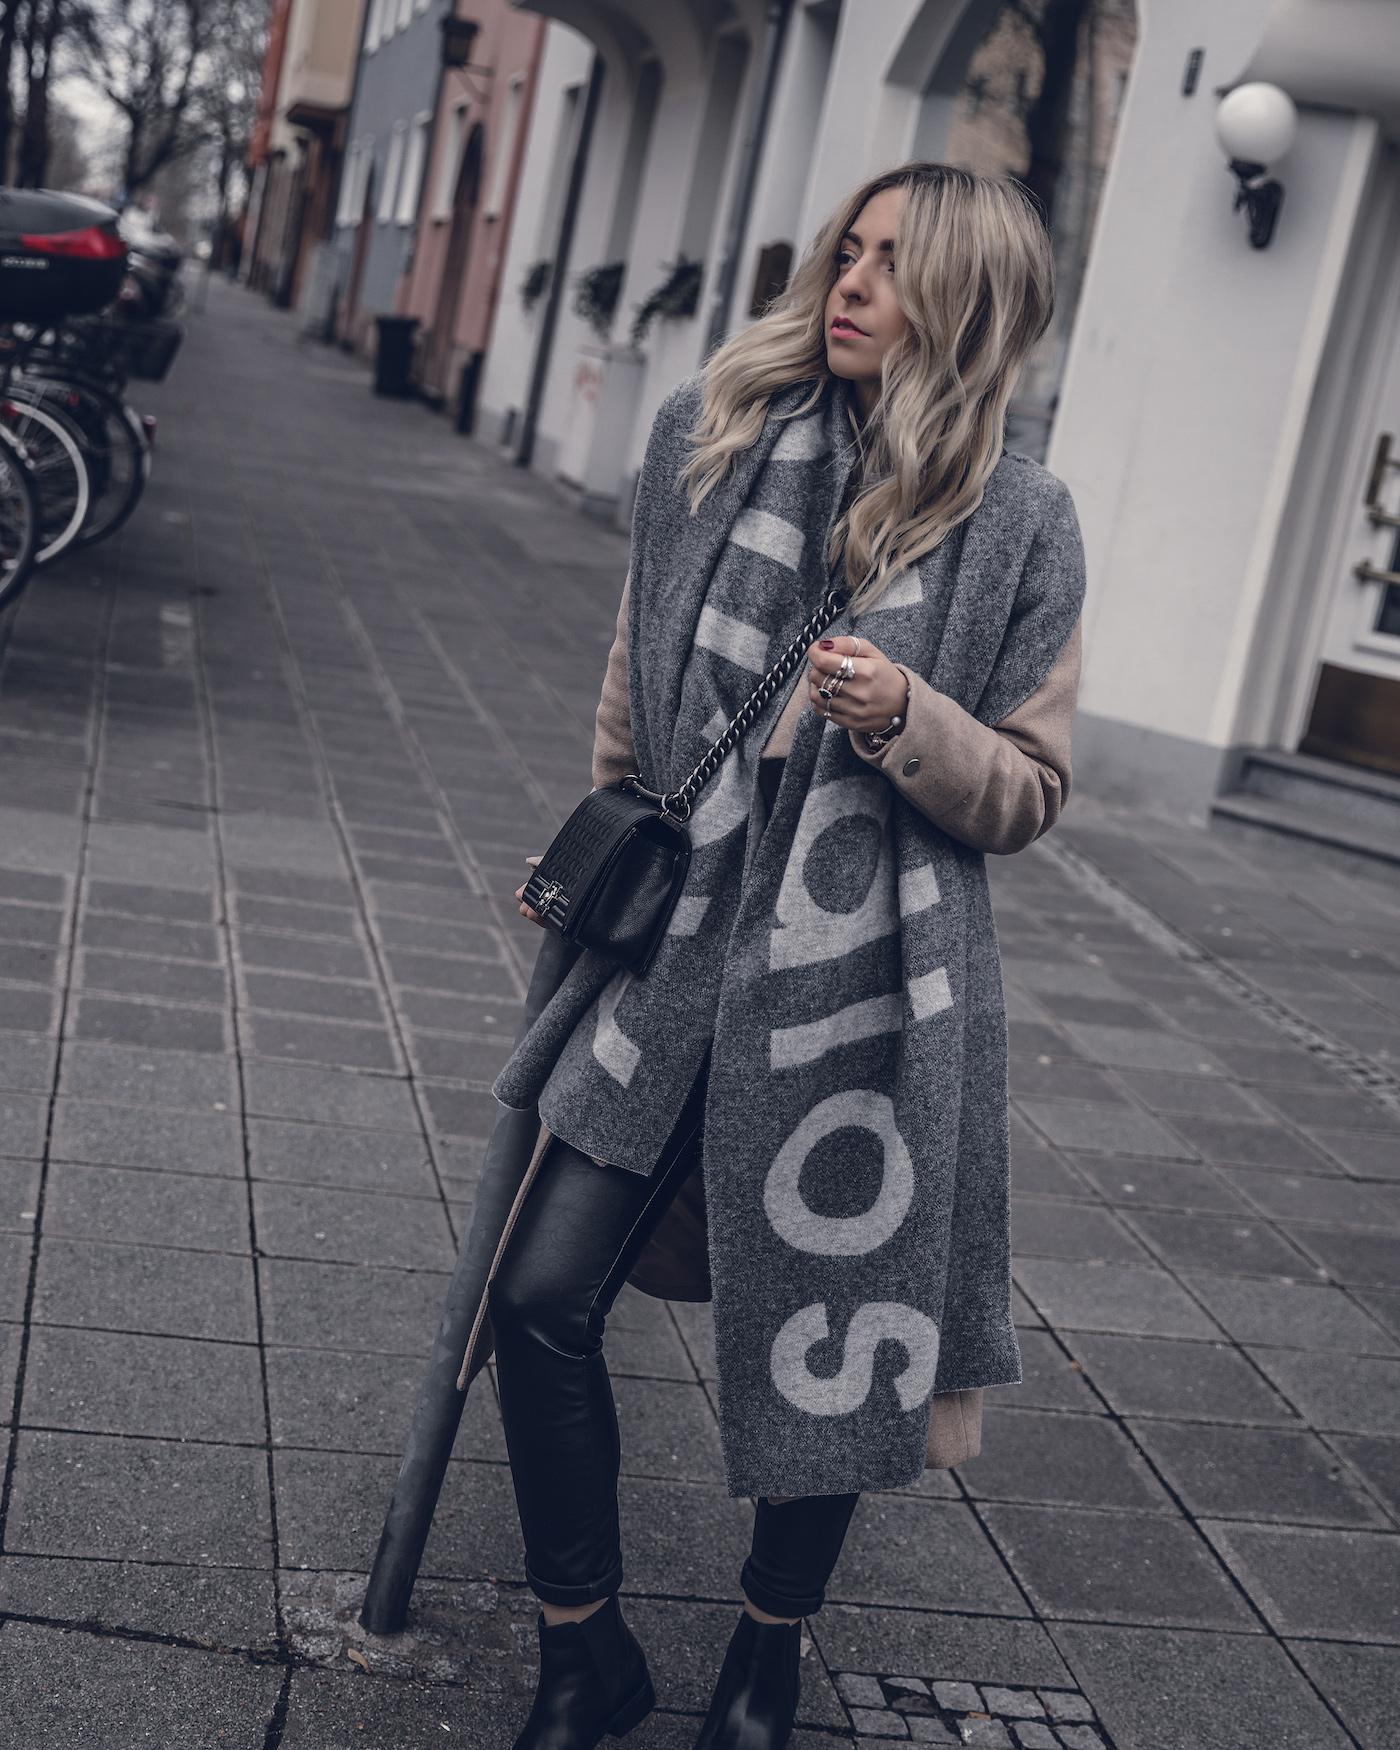 2325e93e531a Acne-Studios-Scarf-Toronto-Review-WantGetRepeat-Fashion-Blog-02 ...